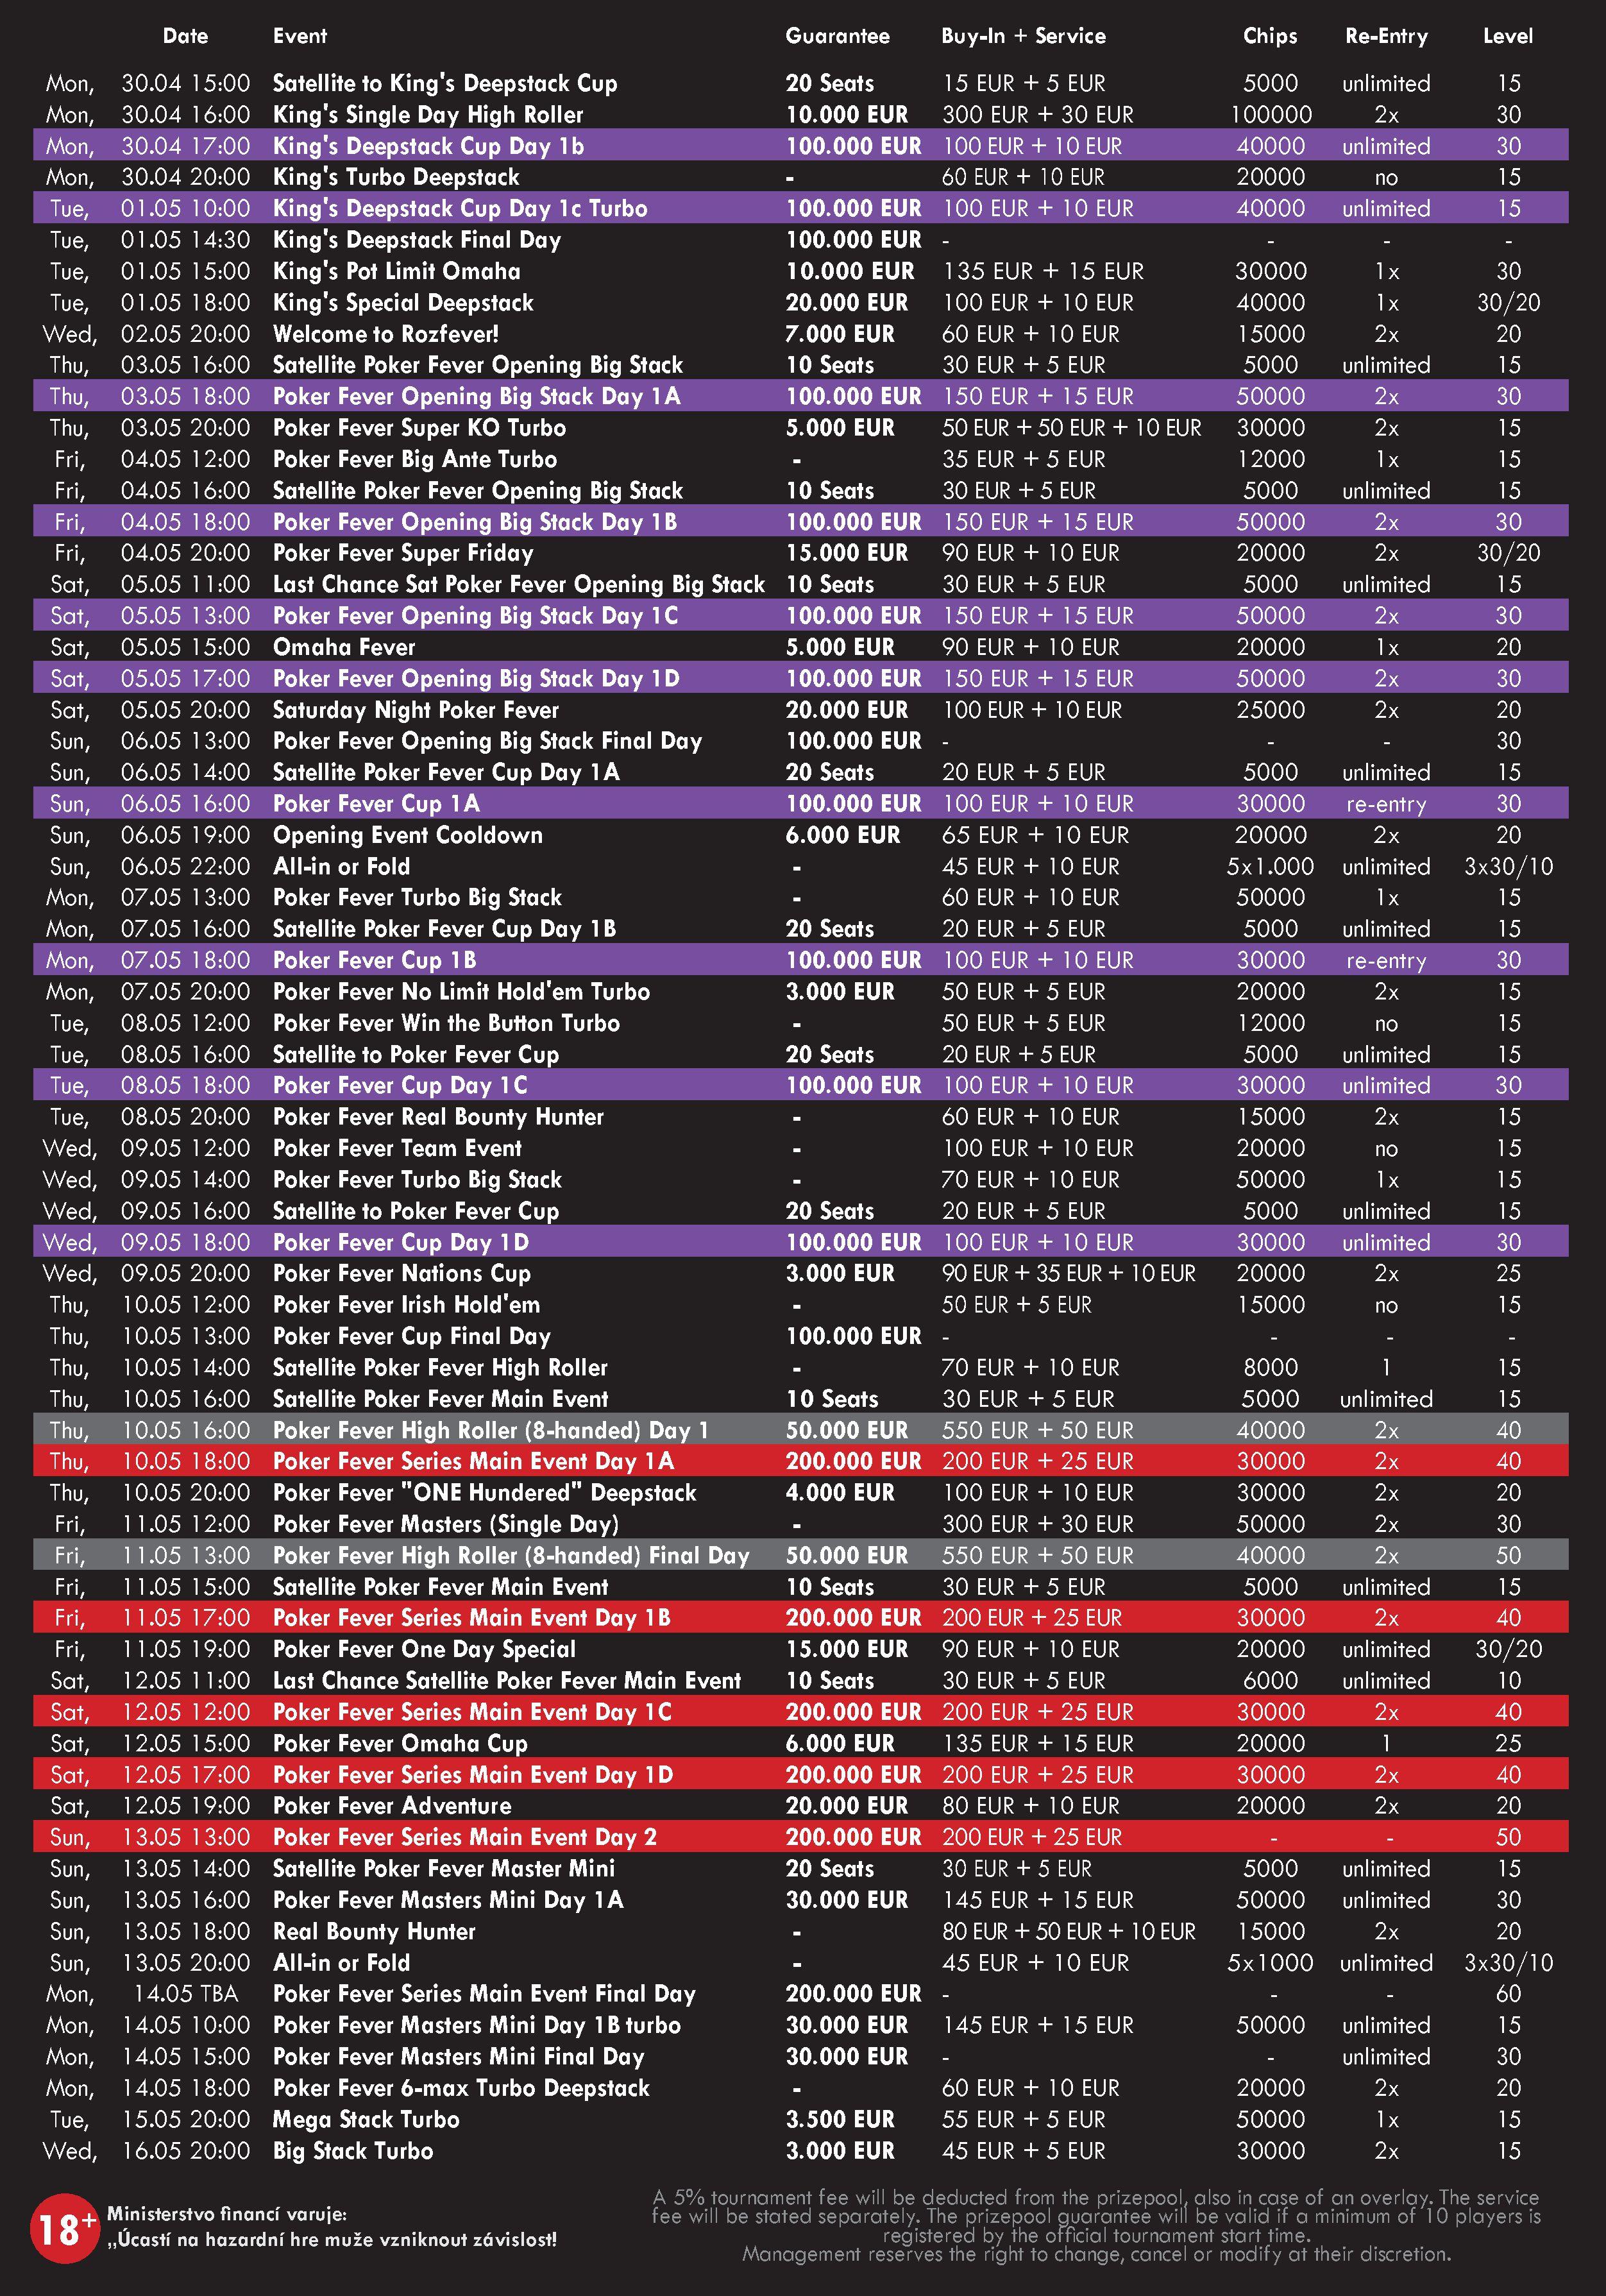 Poker Fever Schedule